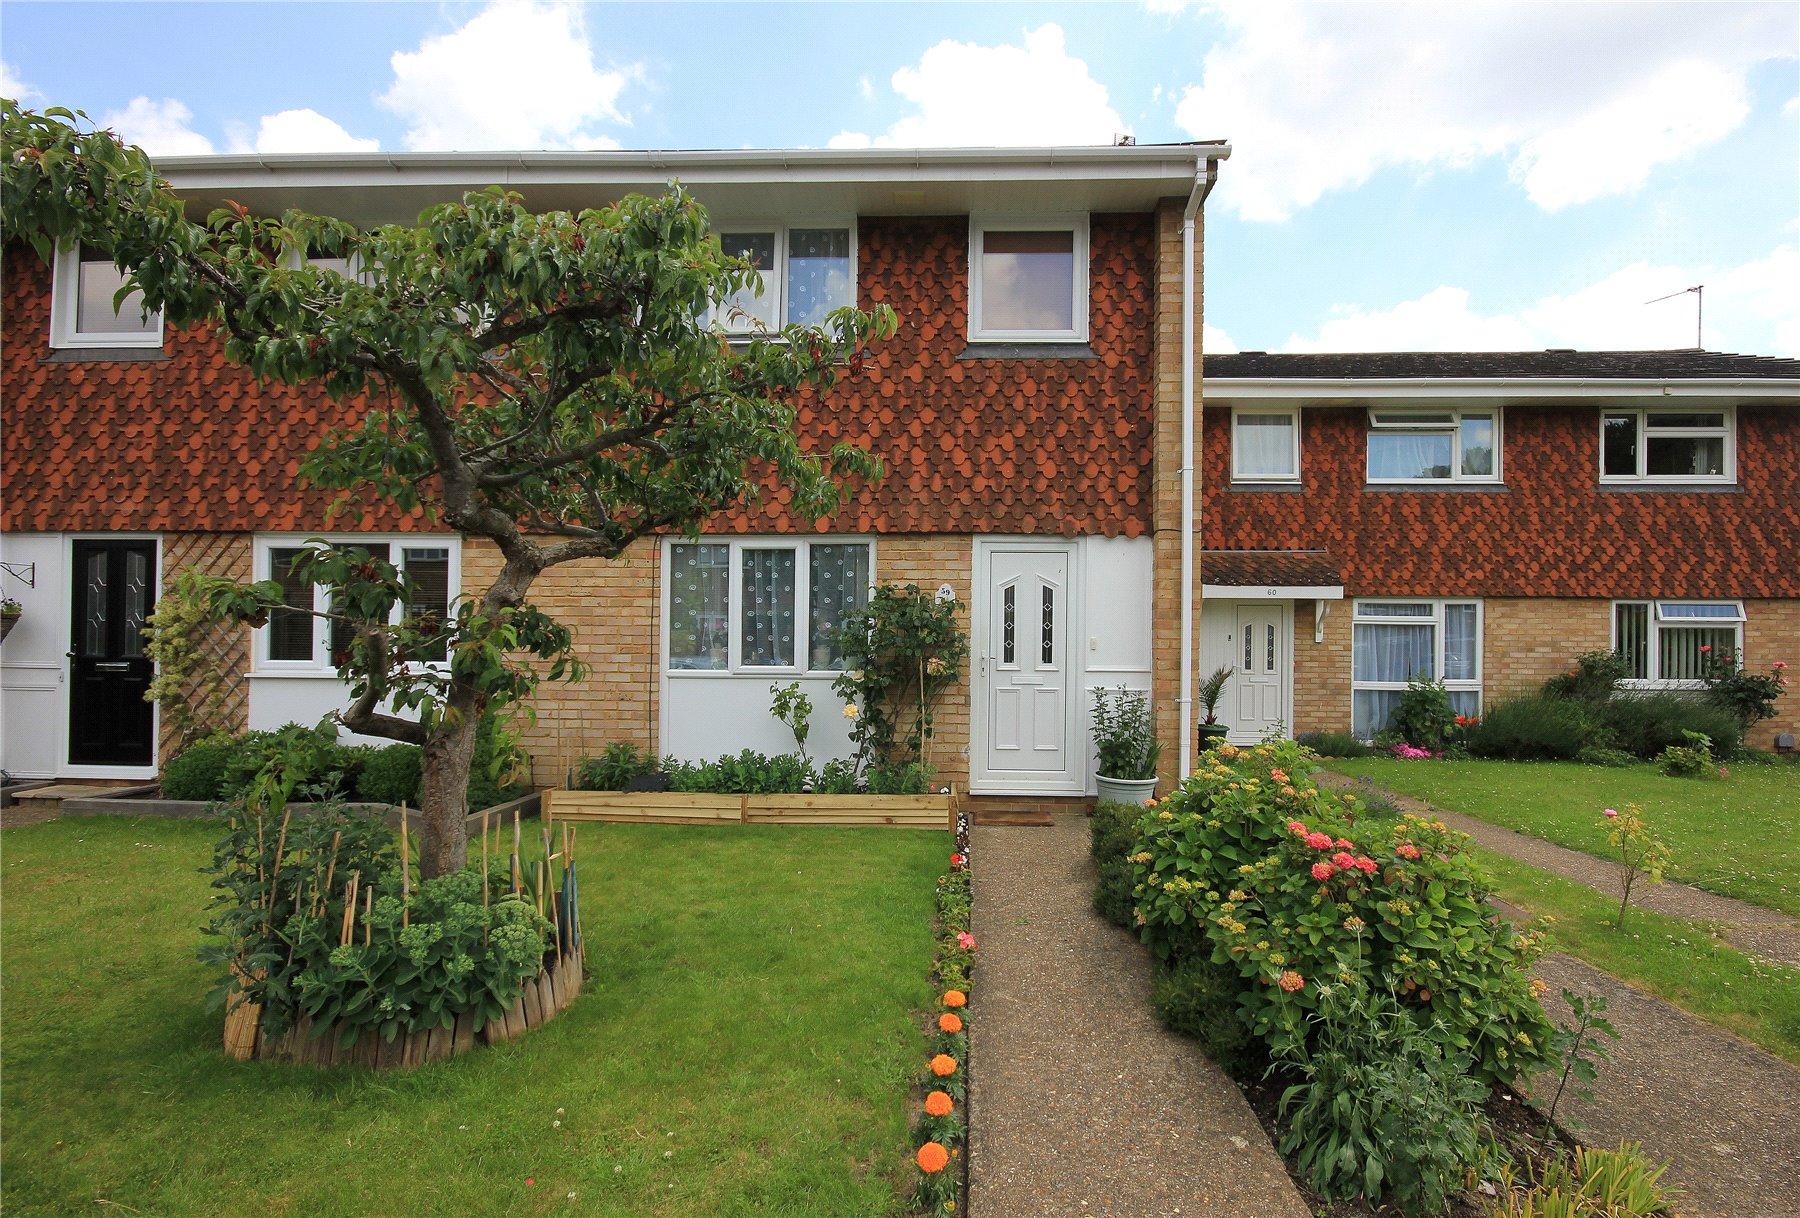 3 Bedrooms End Of Terrace House for sale in Paddocks Mead, Woking, Surrey, GU21